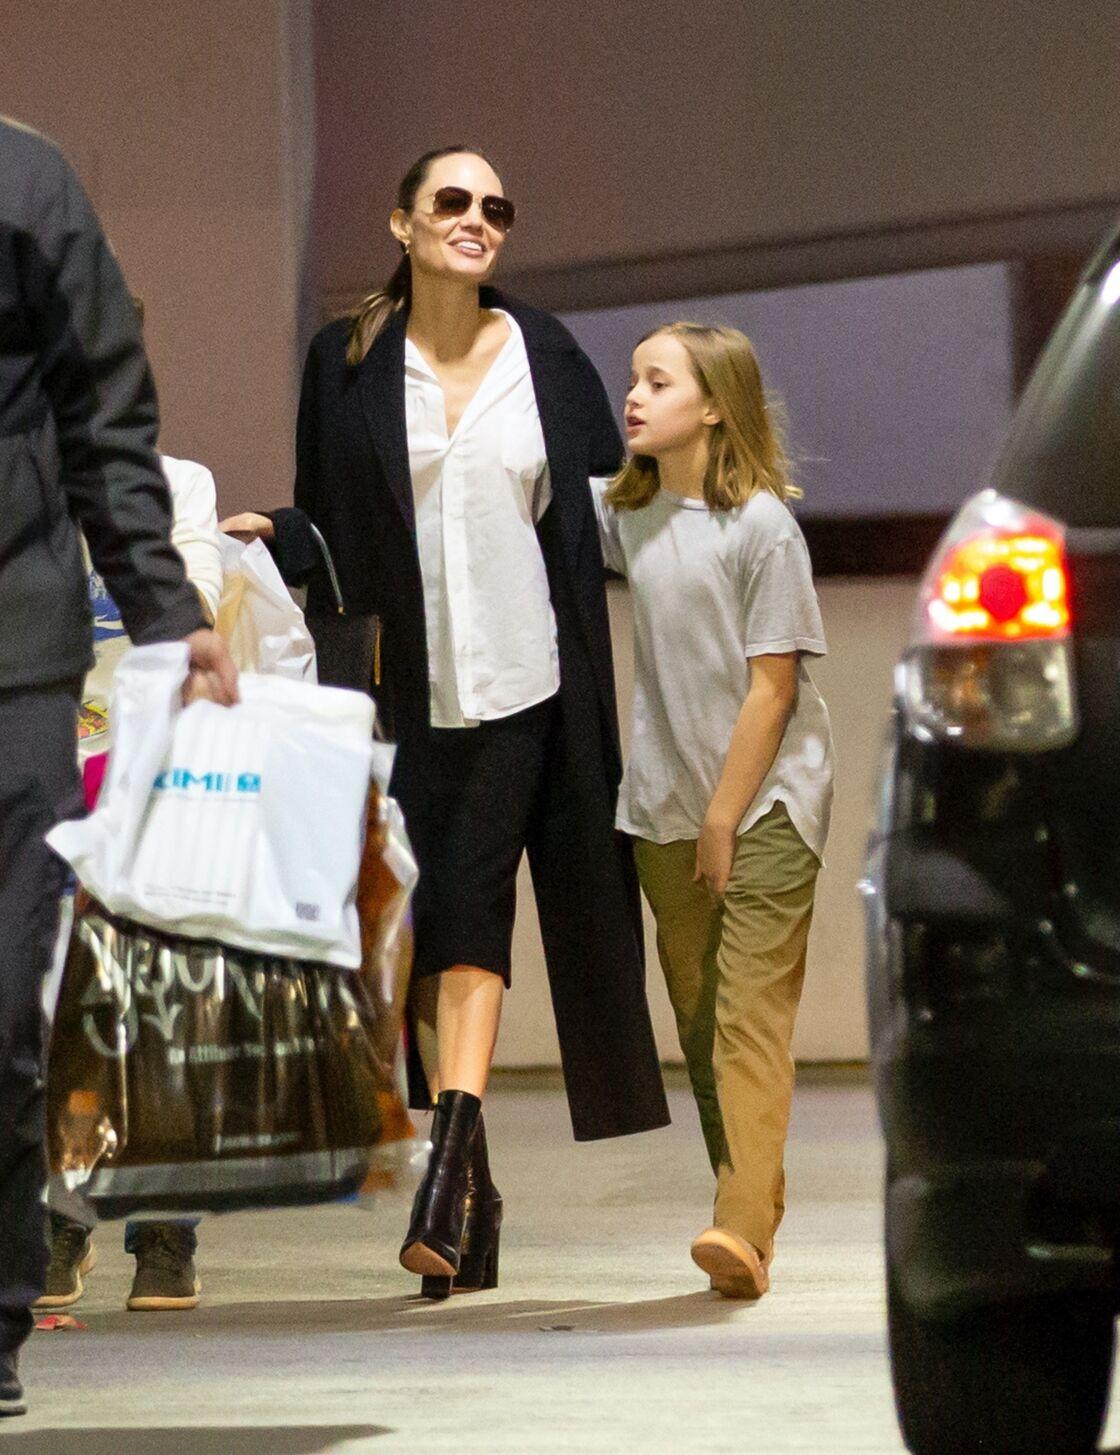 Angelina Jolie aperçue avec son fild Knox en août 2019 revisite la chemise blanche qu'elle porte avec une jupe mi-longue et une longue veste noire